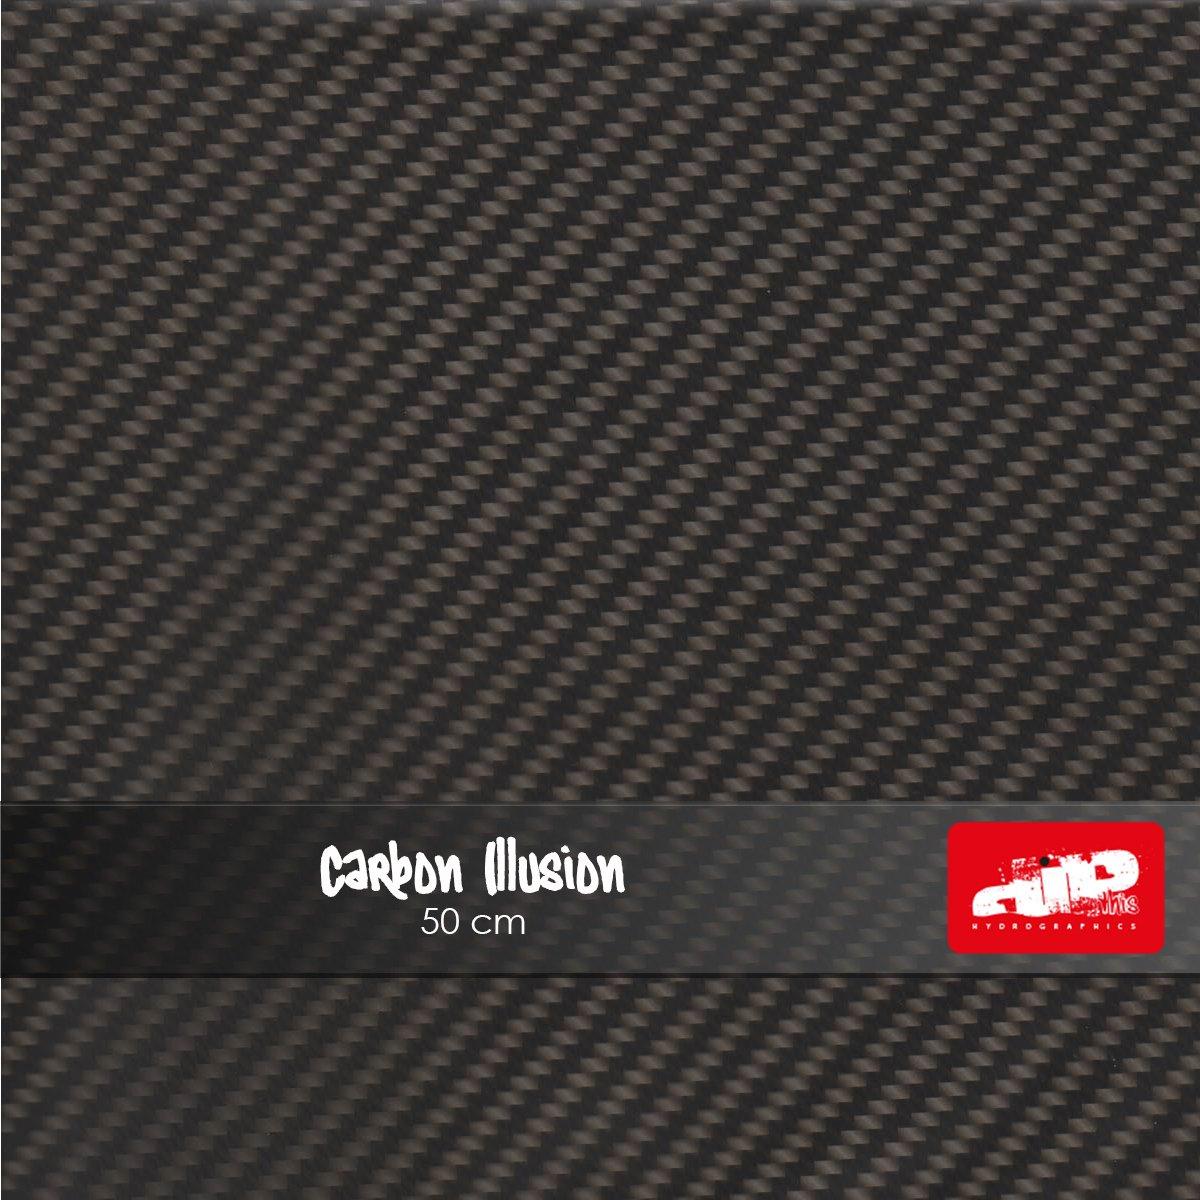 Carbon Illusion